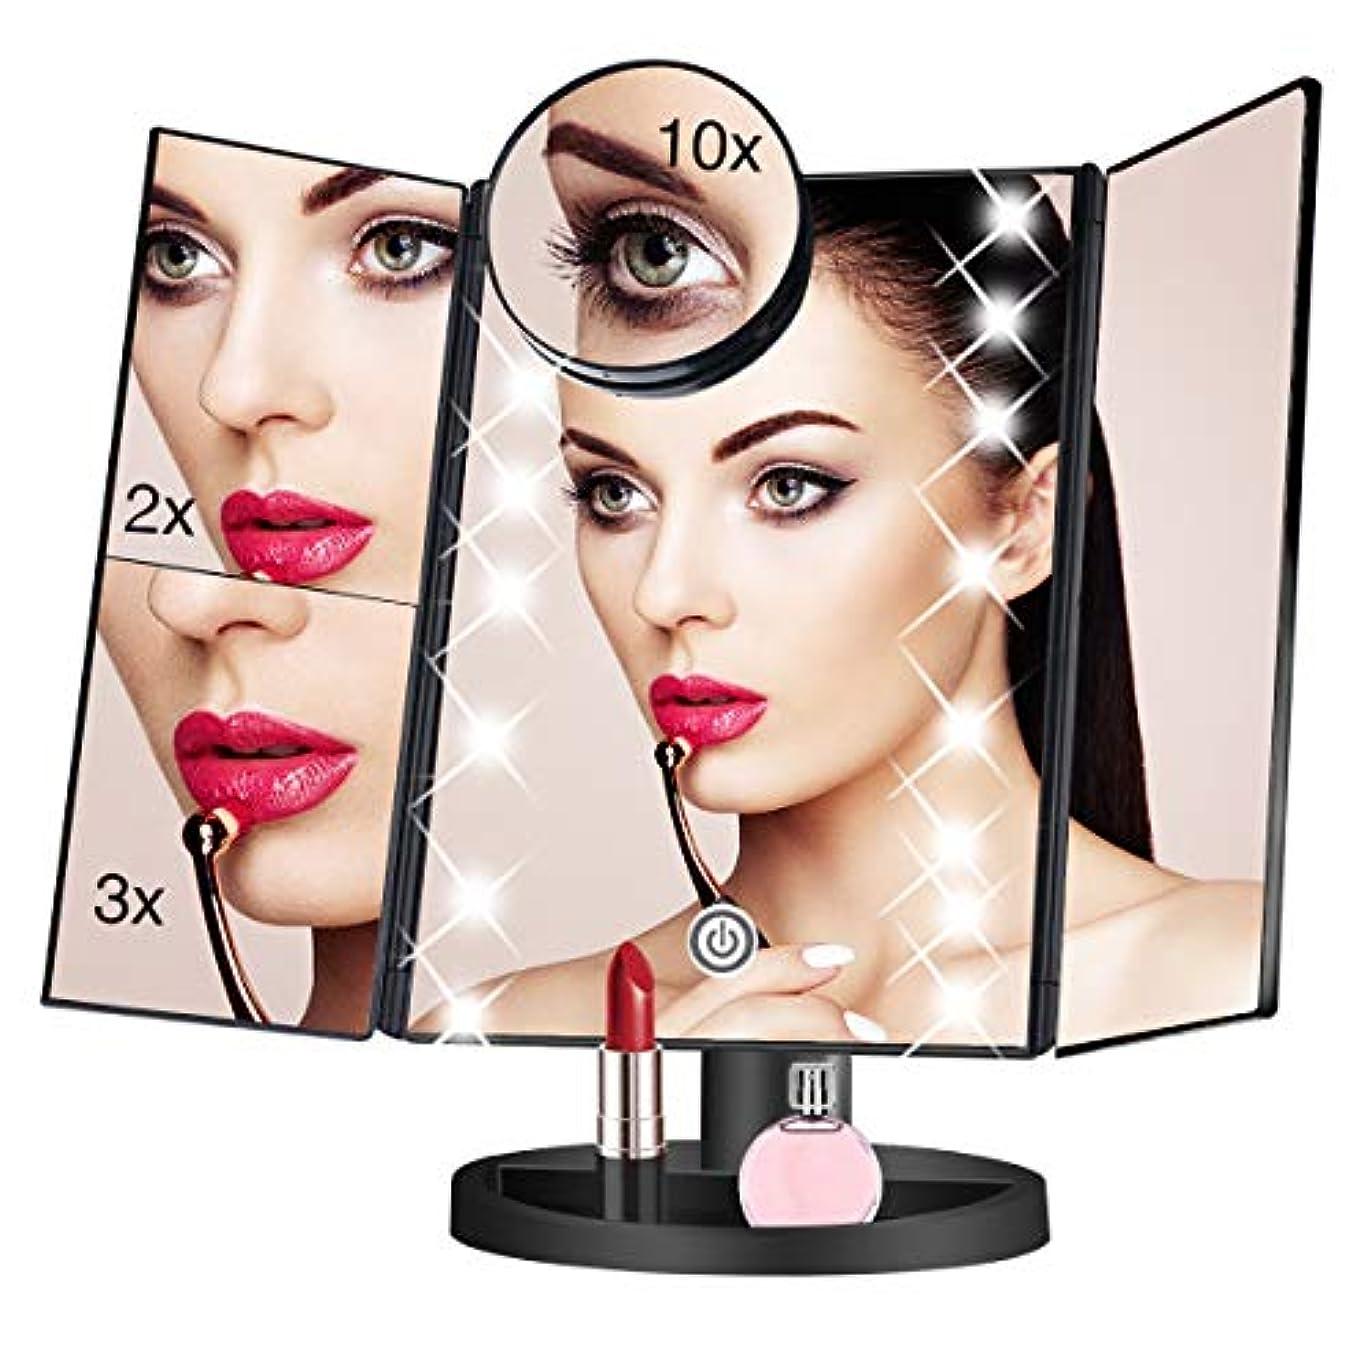 概して符号アンペア化粧鏡 三面鏡 鏡 卓上 LED付き 折りたたみ式 10倍拡大鏡付き 明るさ調節 180度回転 USB/単三電池給電 (化粧鏡)